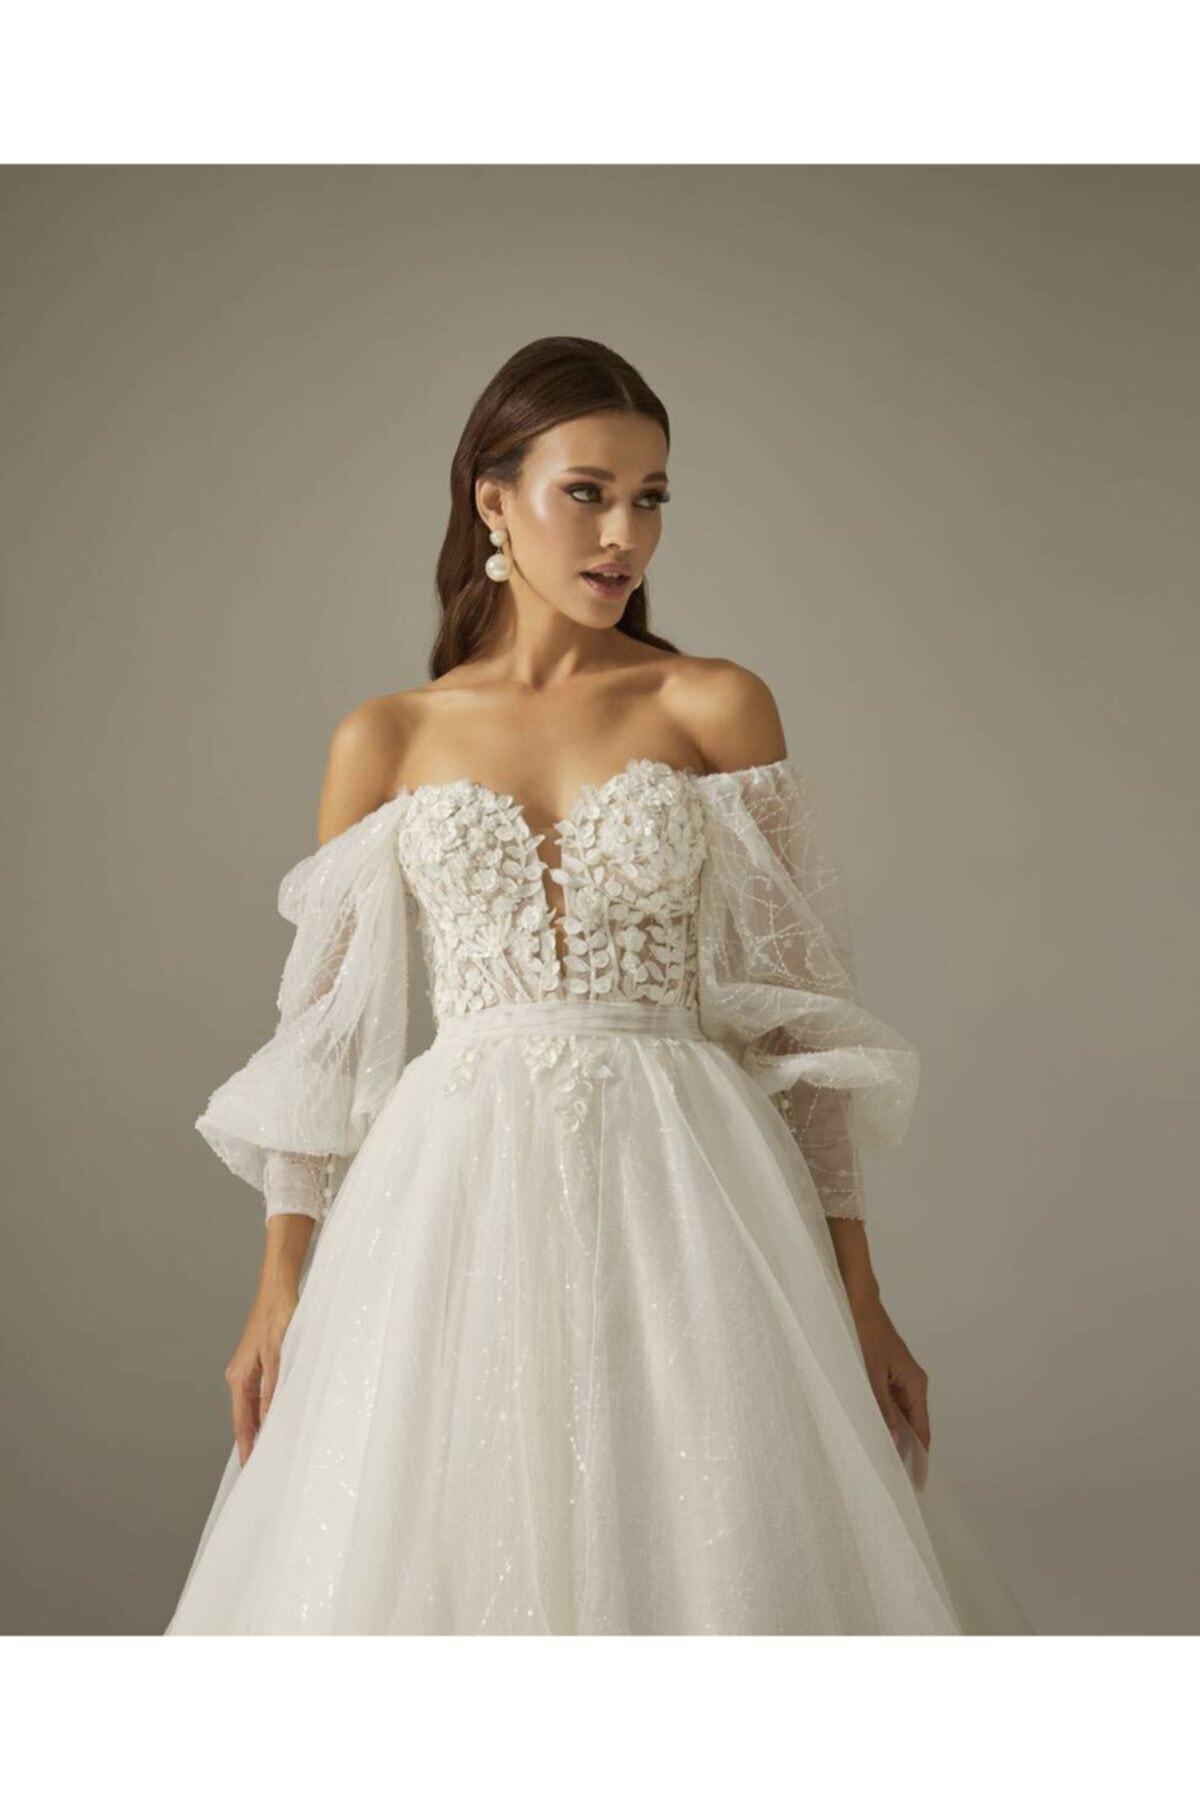 Mediha Cambaz Bridal Oly Balon Kollu Manşet Detaylı 3 Boyut Yaprak Dantelli Yırtmaçlı A Kesim Gelinlik Modeli 2